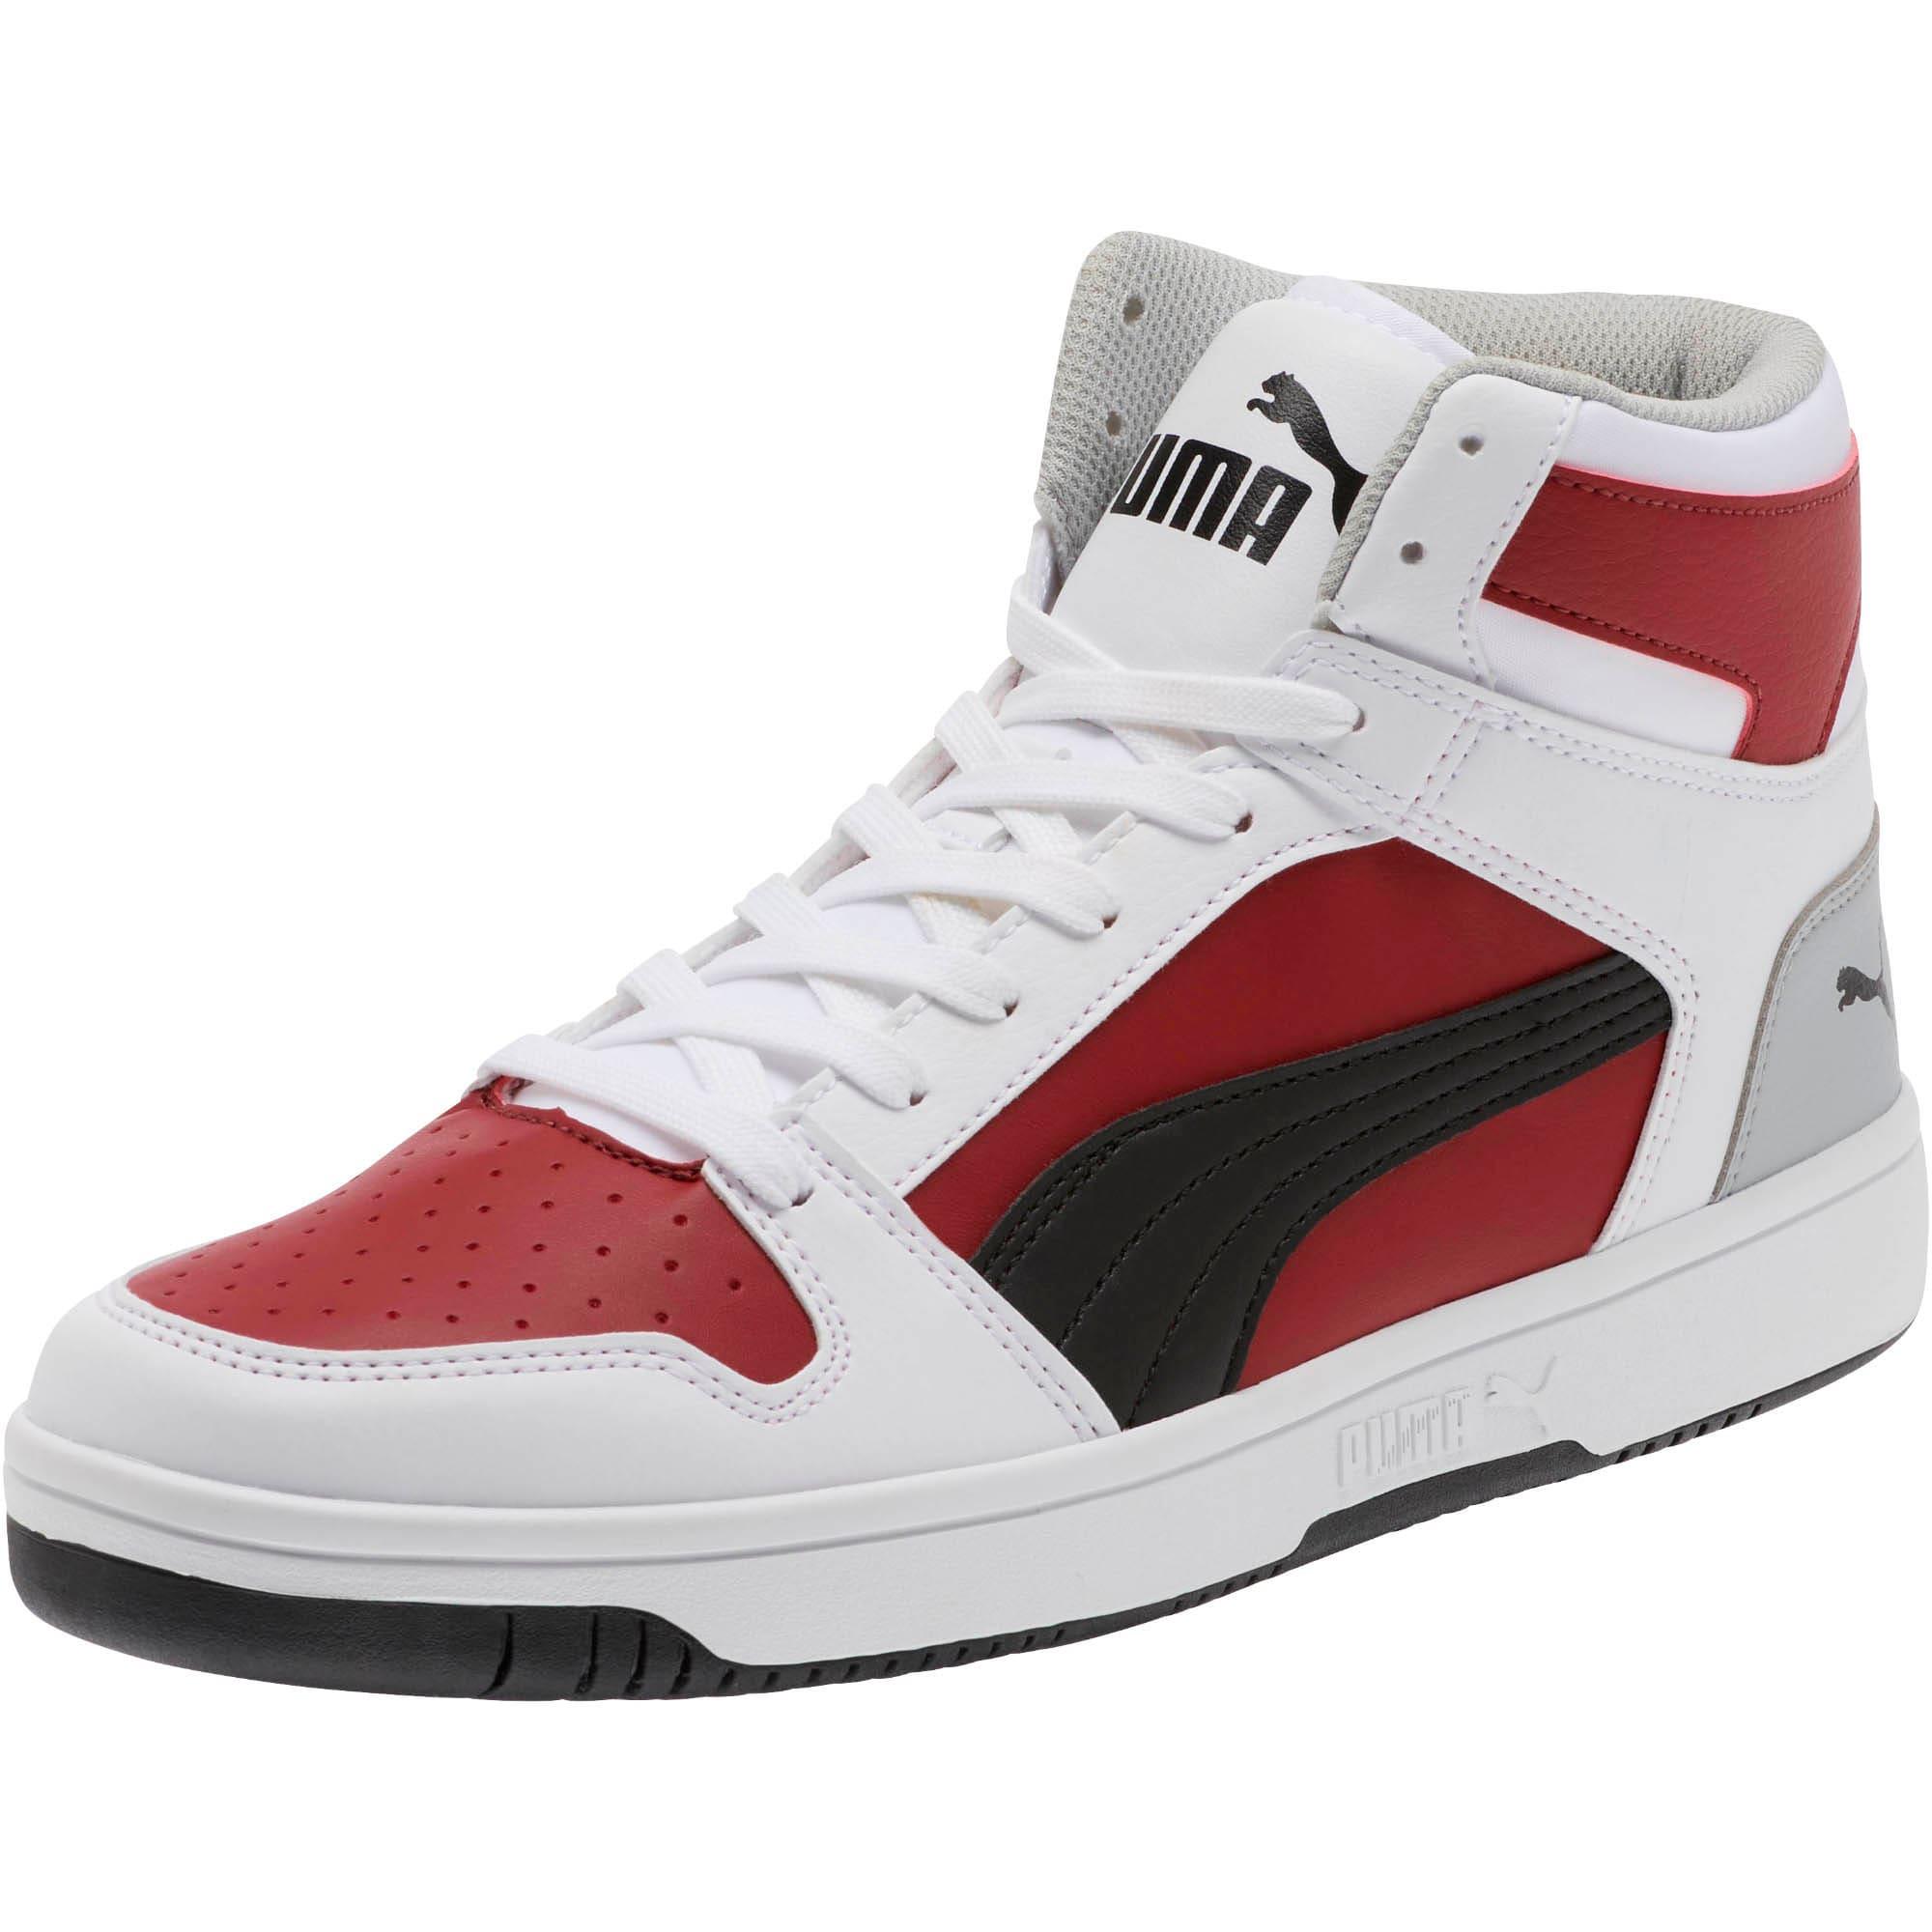 Thumbnail 1 of PUMA Rebound LayUp Sneakers, White-Black-Rhubarb-HighRise, medium